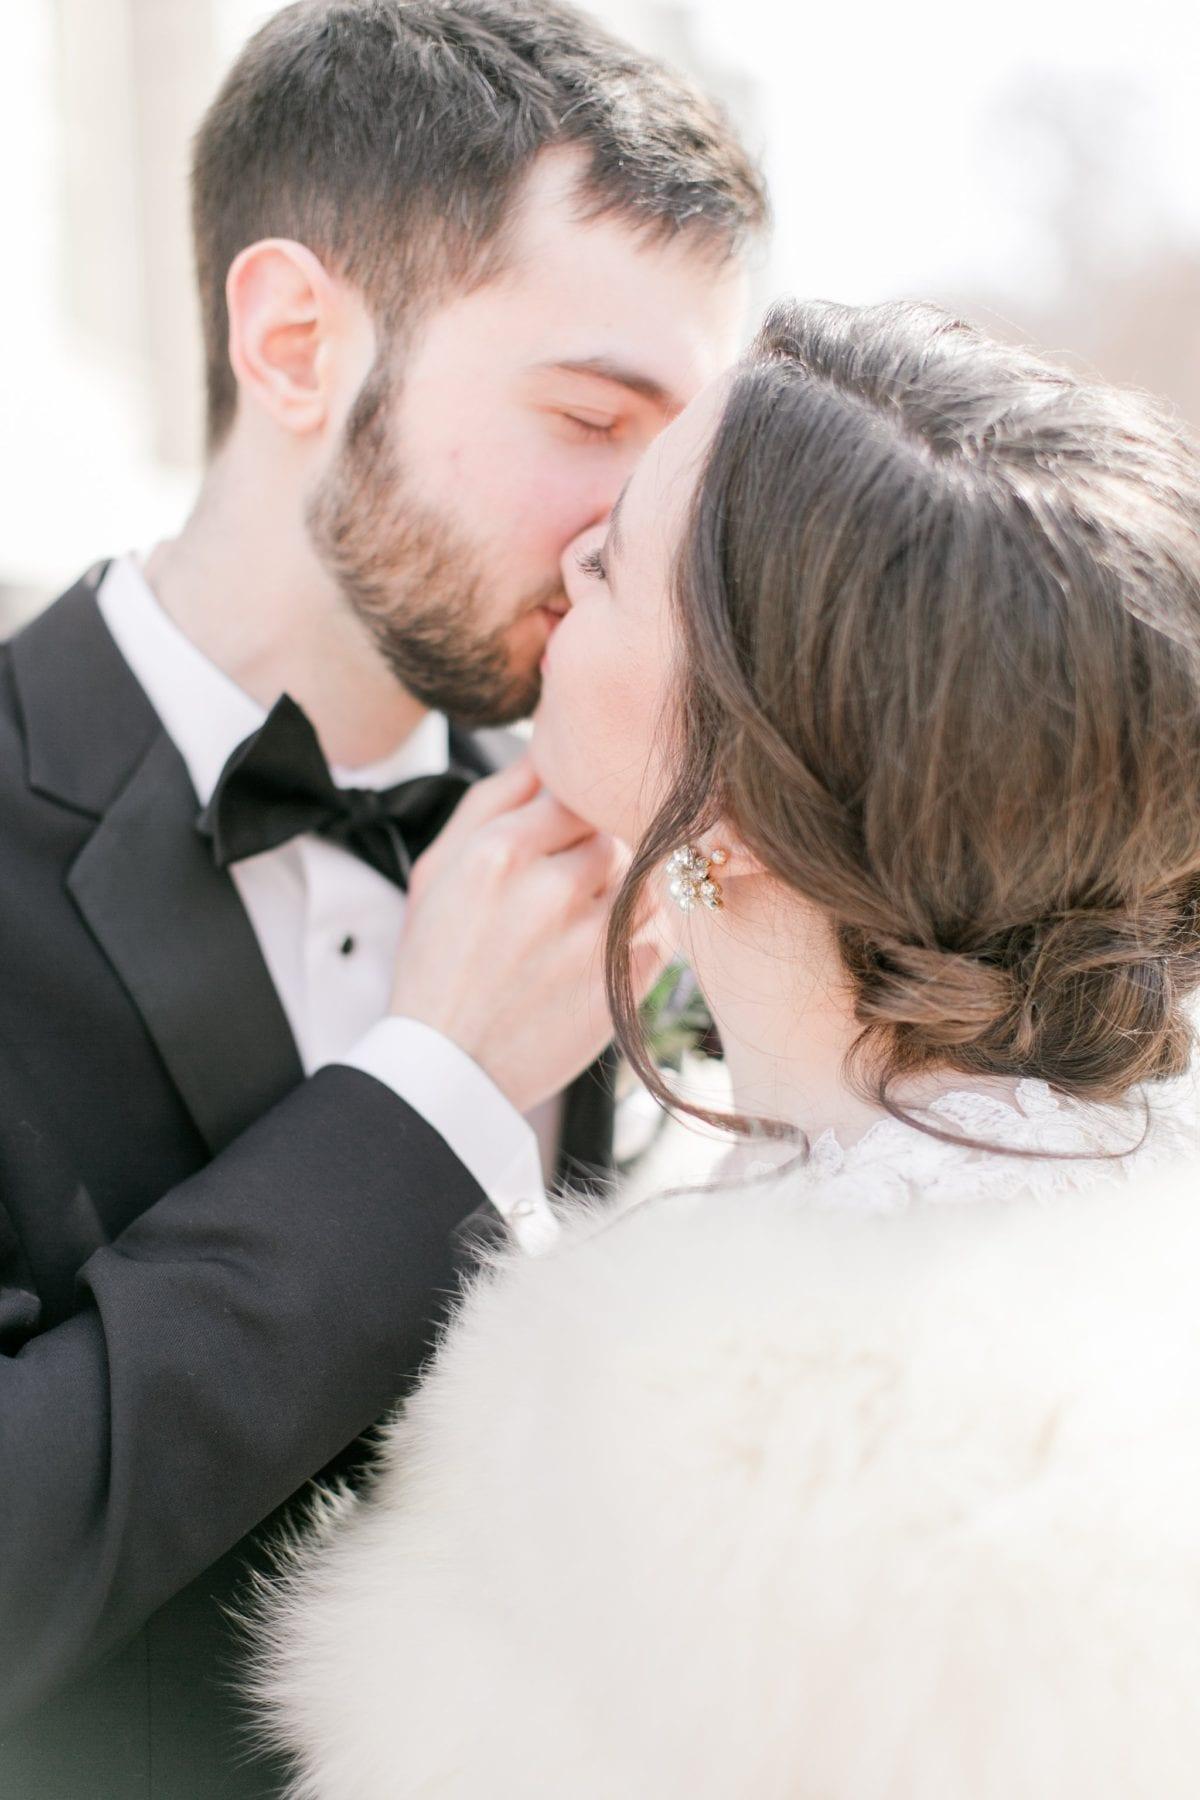 Hotel Monaco Washington DC Wedding Photos Megan Kelsey Photography Erin & Mike -134